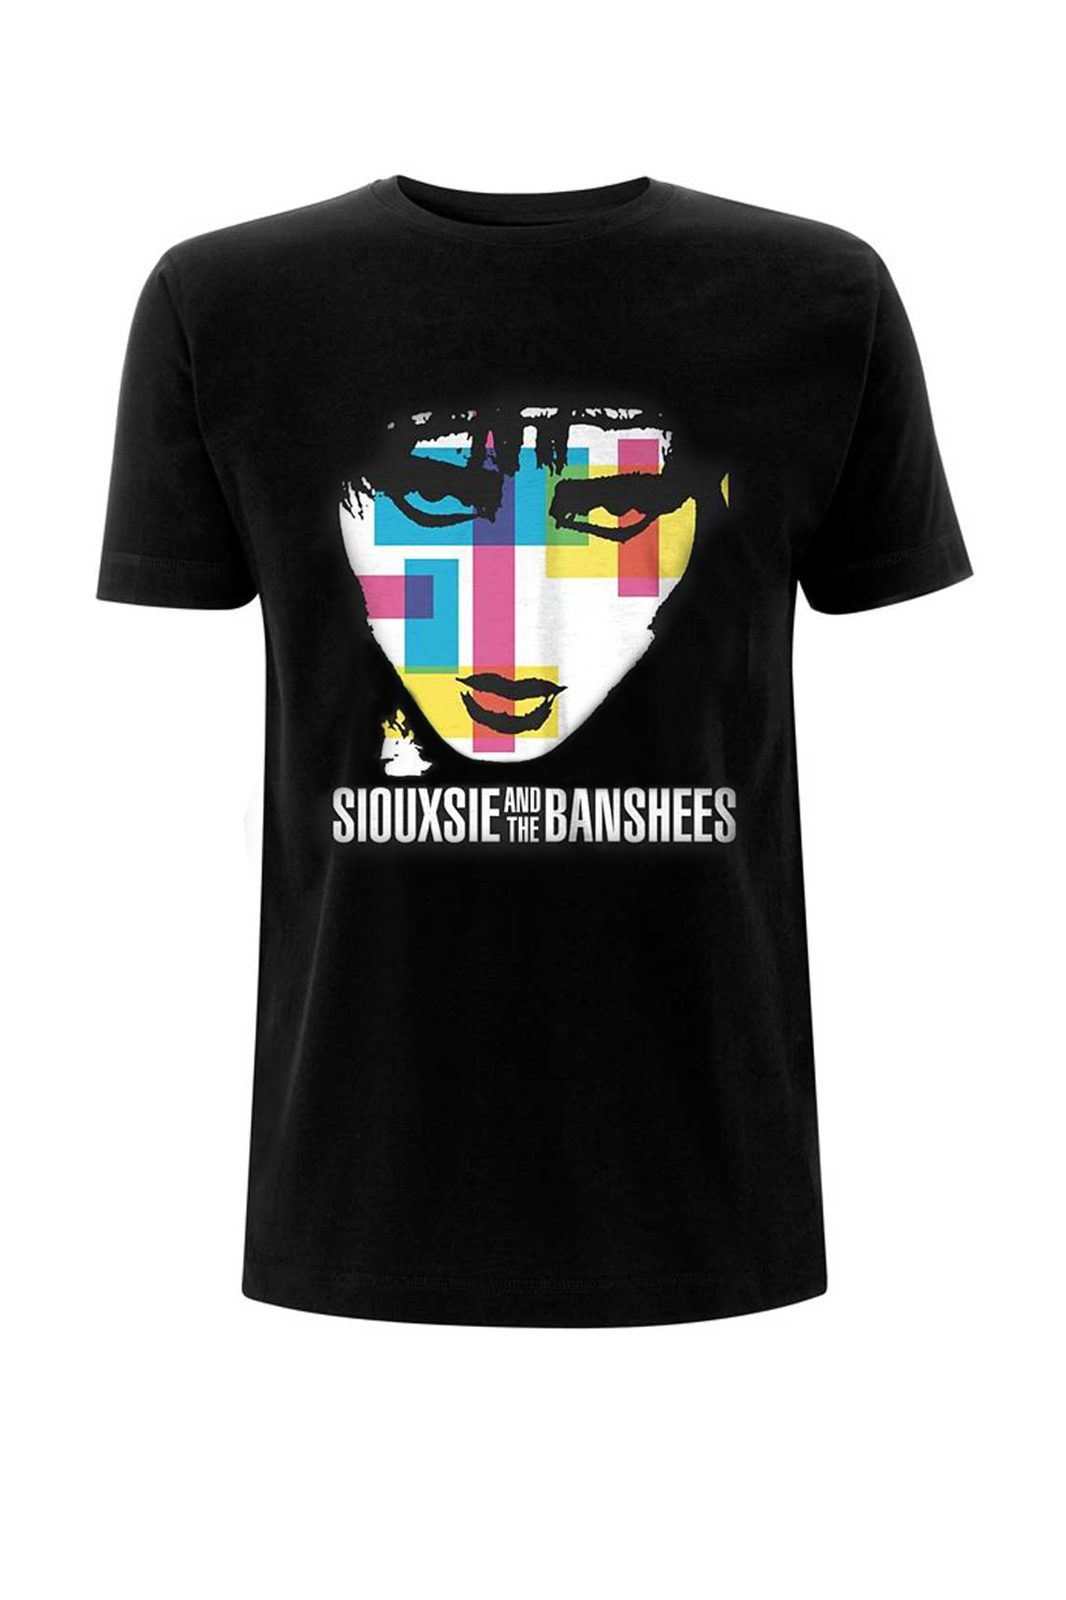 Tee Siouxsie &The Banshees Colour Block Blac